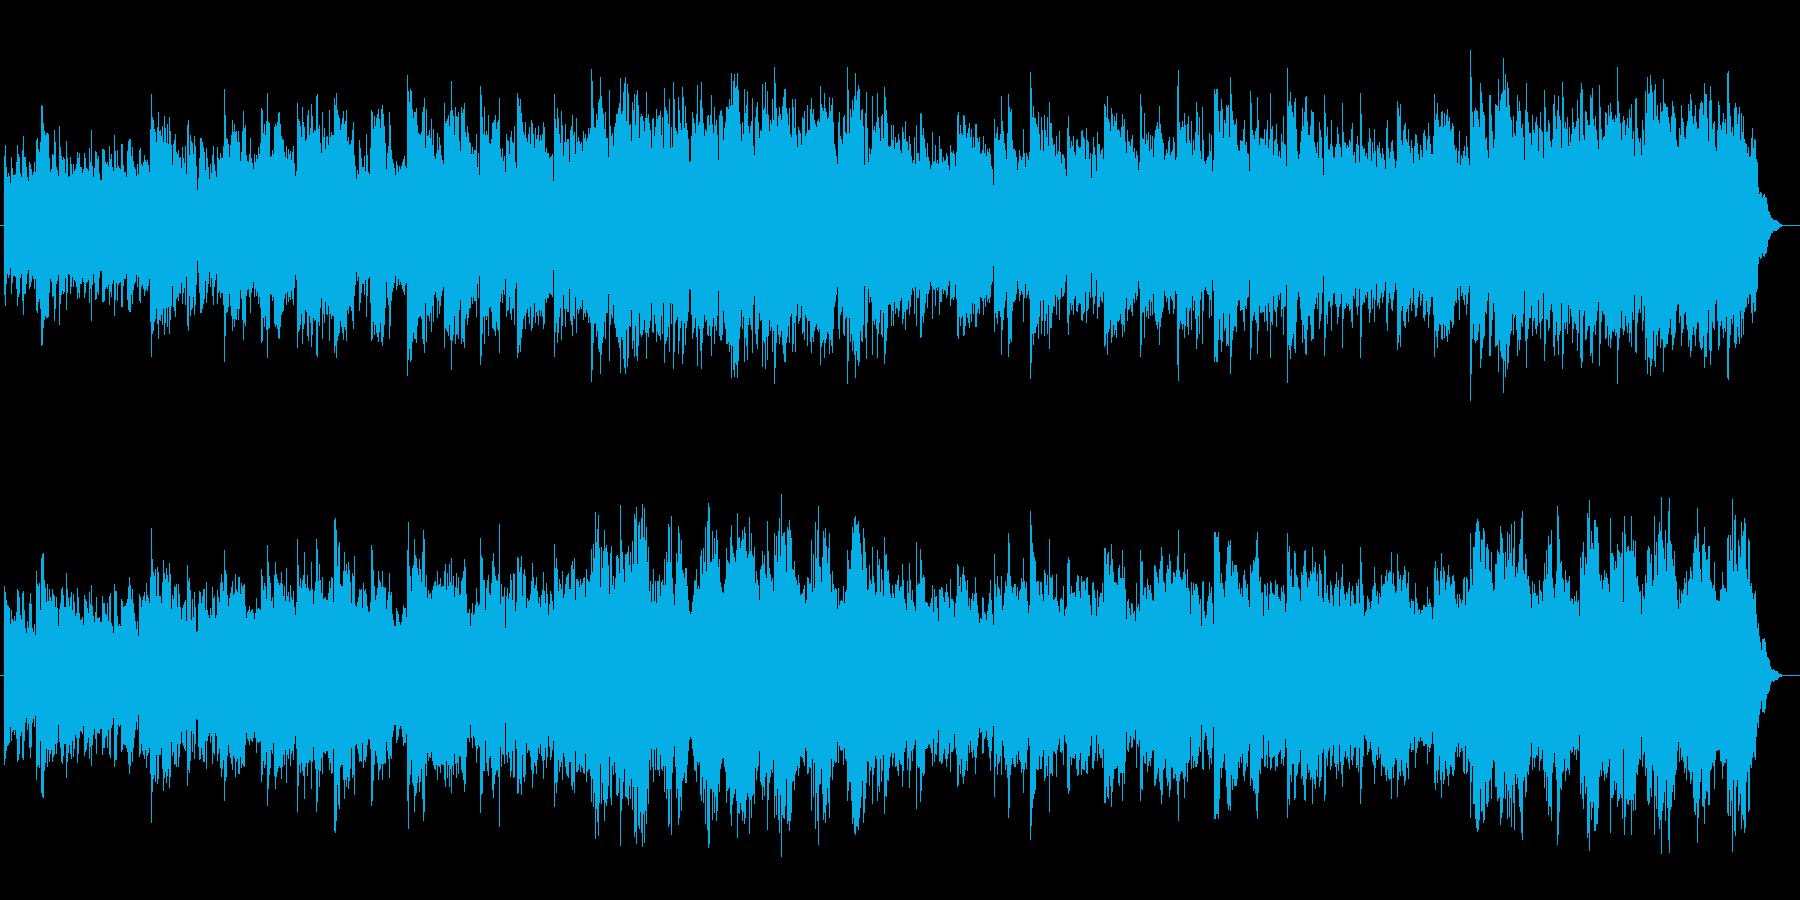 ギター系音色のスローなポップスの再生済みの波形